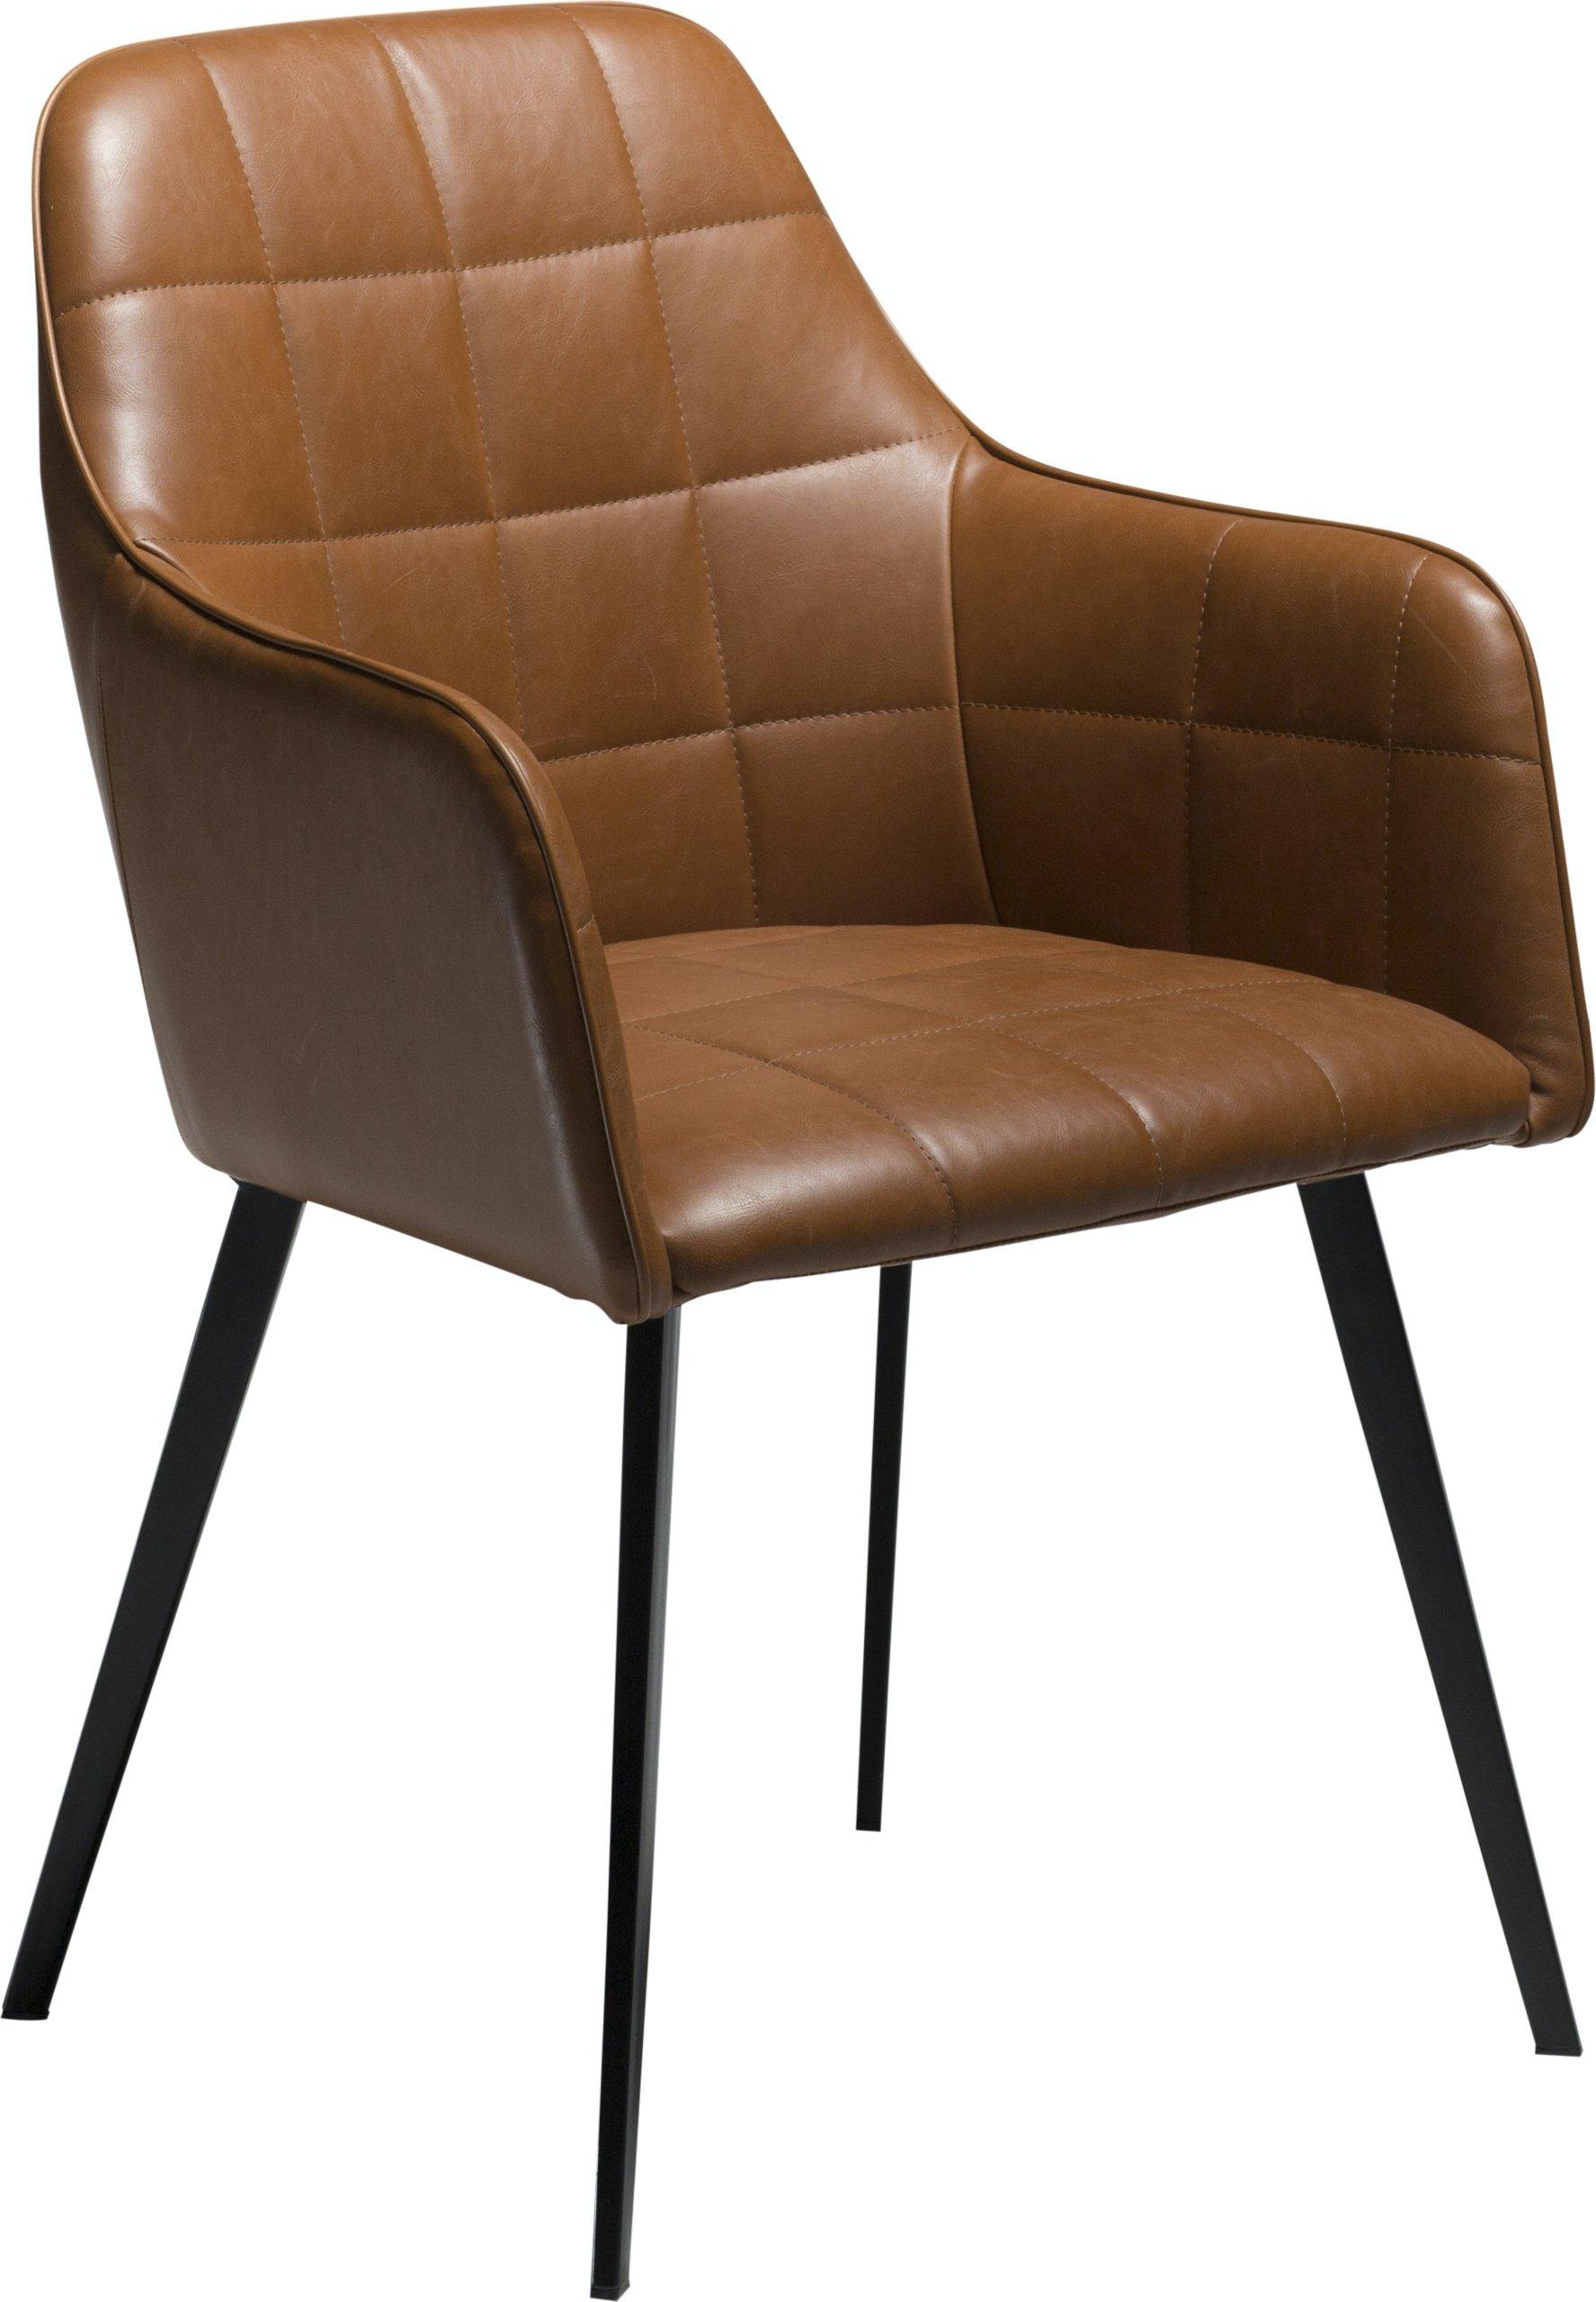 Køb Embrace, Spisebordsstol med armlæn, Kunstlæder by DAN-FORM Denmark (H: 84 cm. B: 55 cm., Brun/Sort)